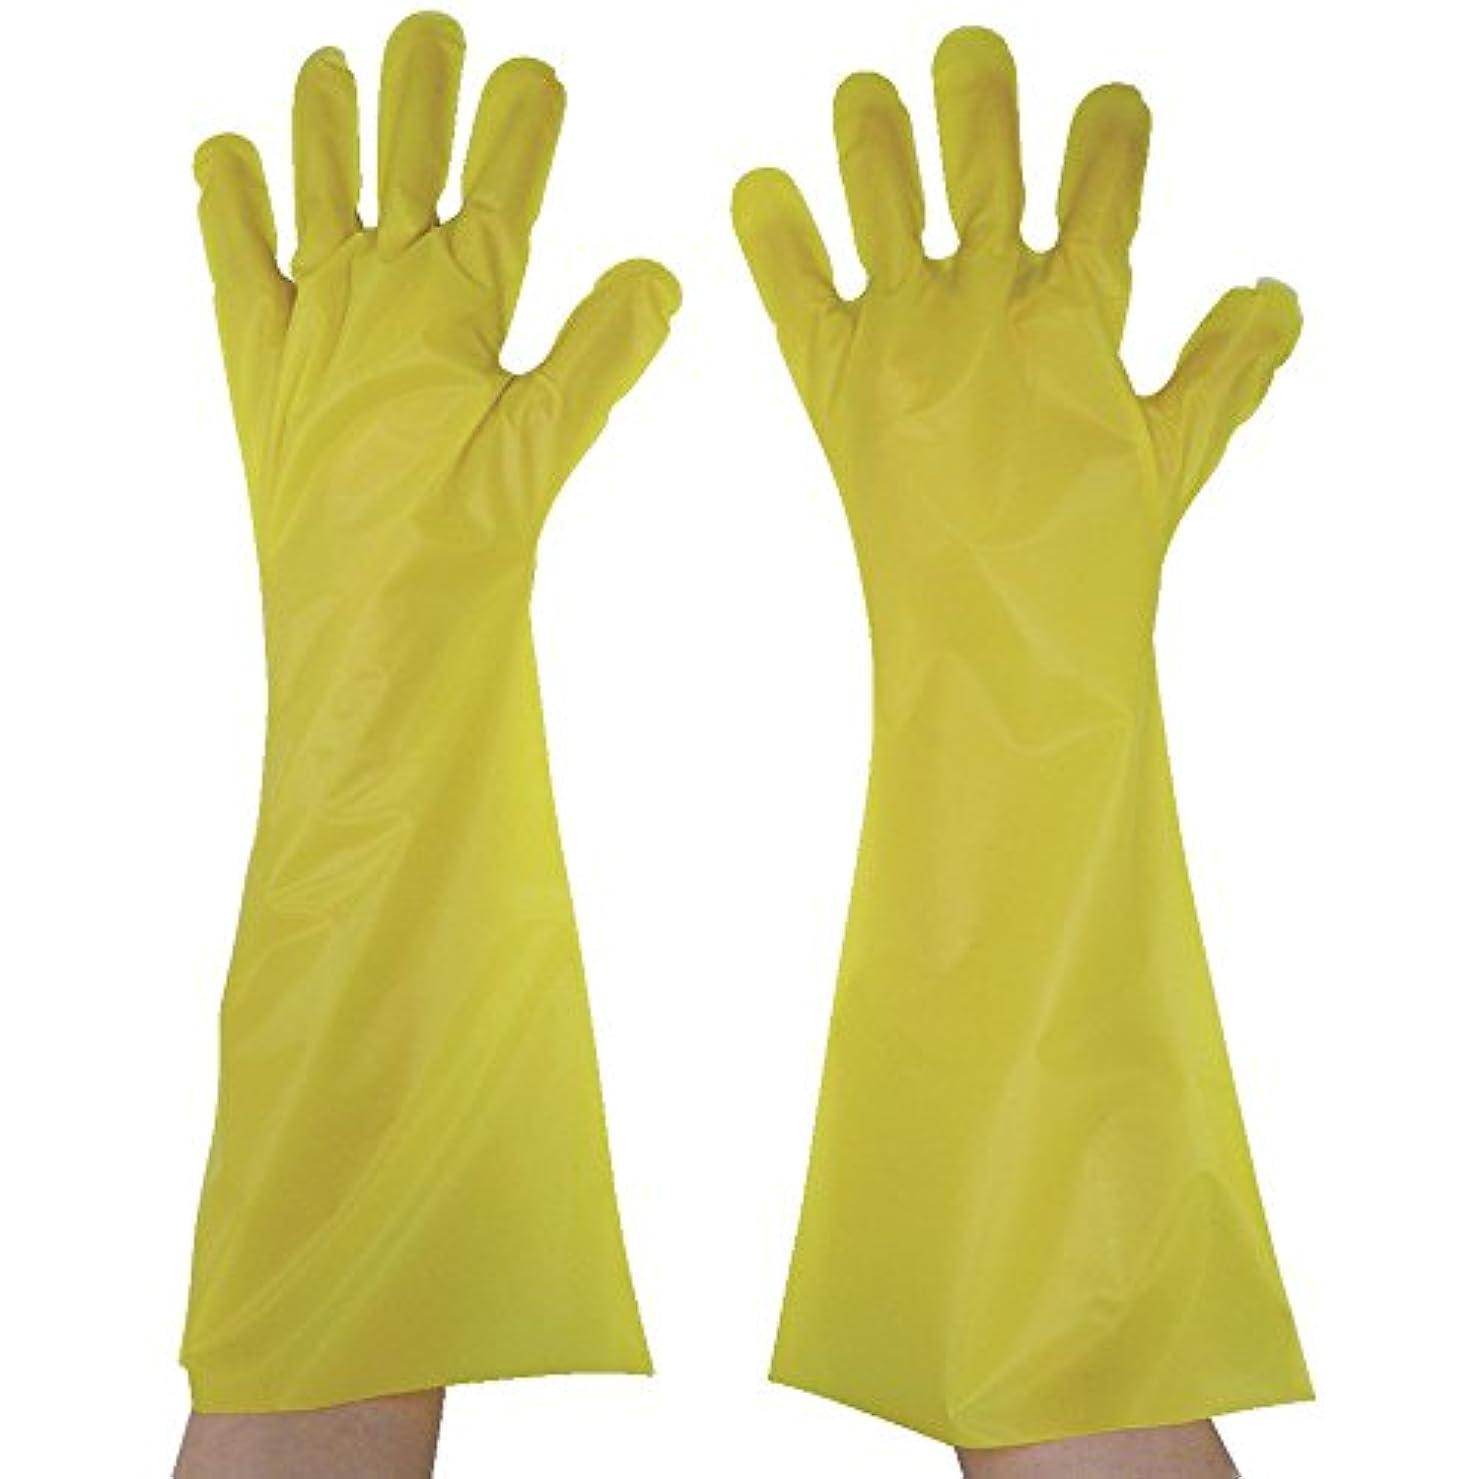 ベッツィトロットウッド石炭ユニークな東京パック エンボス手袋ロング五本絞り イエロー L YL45L ポリエチレン使い捨て手袋